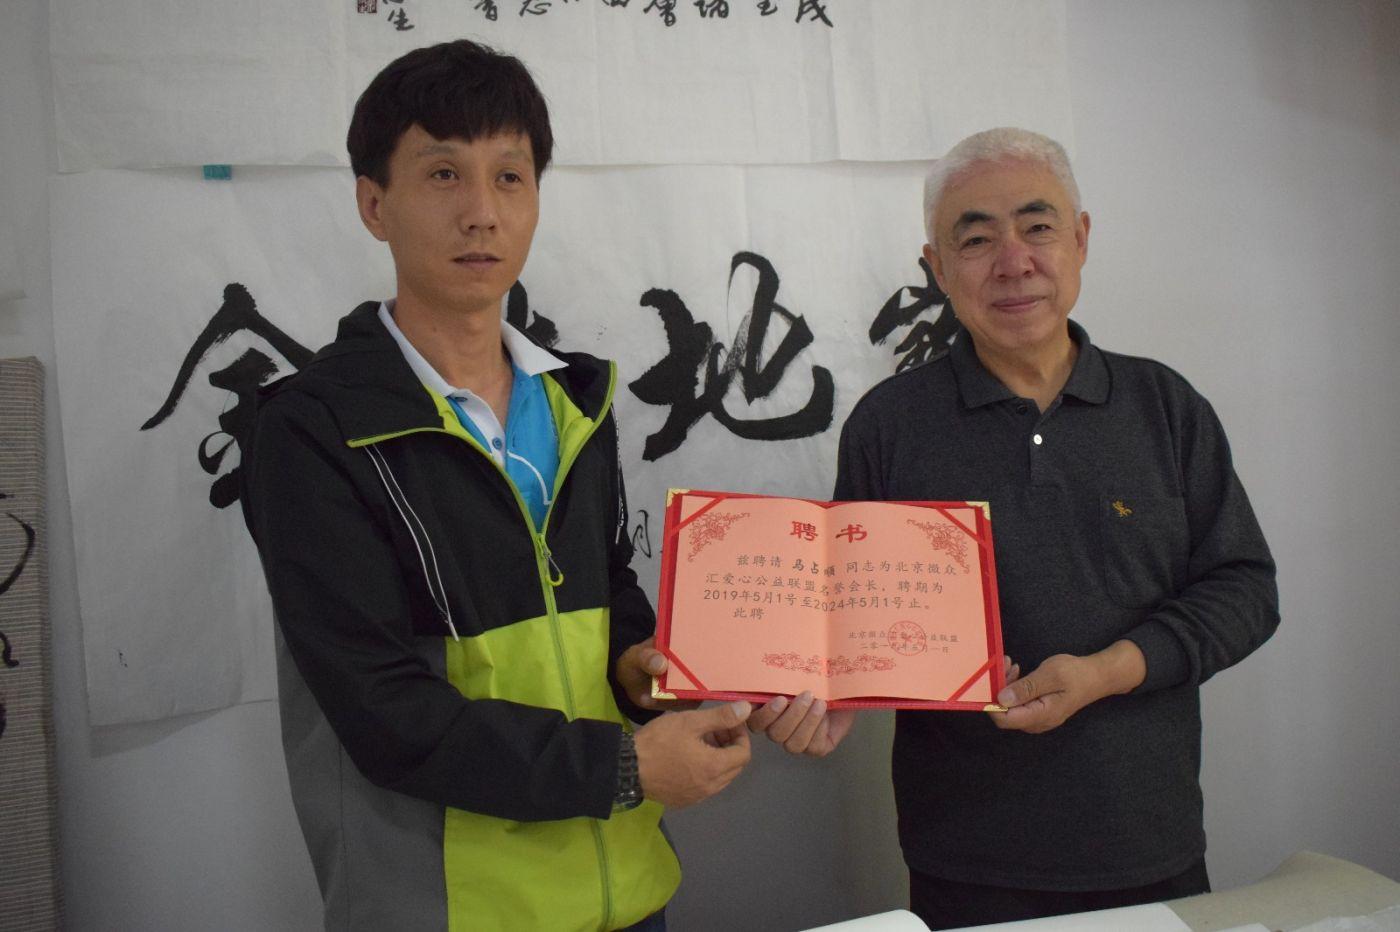 北京笔下乾坤志愿团队成立_图1-2